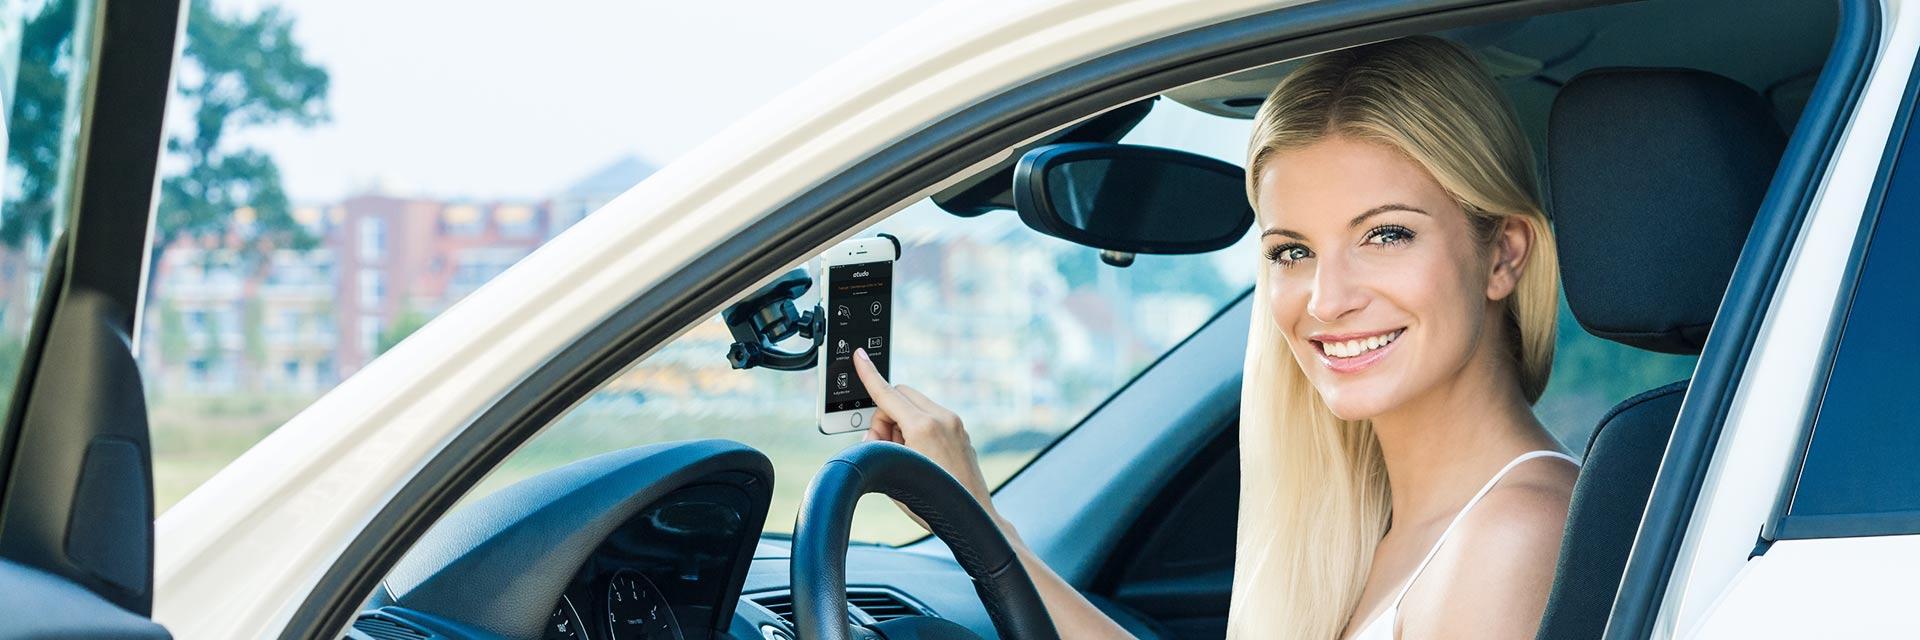 atudo - Dein starker Partner im Verkehr